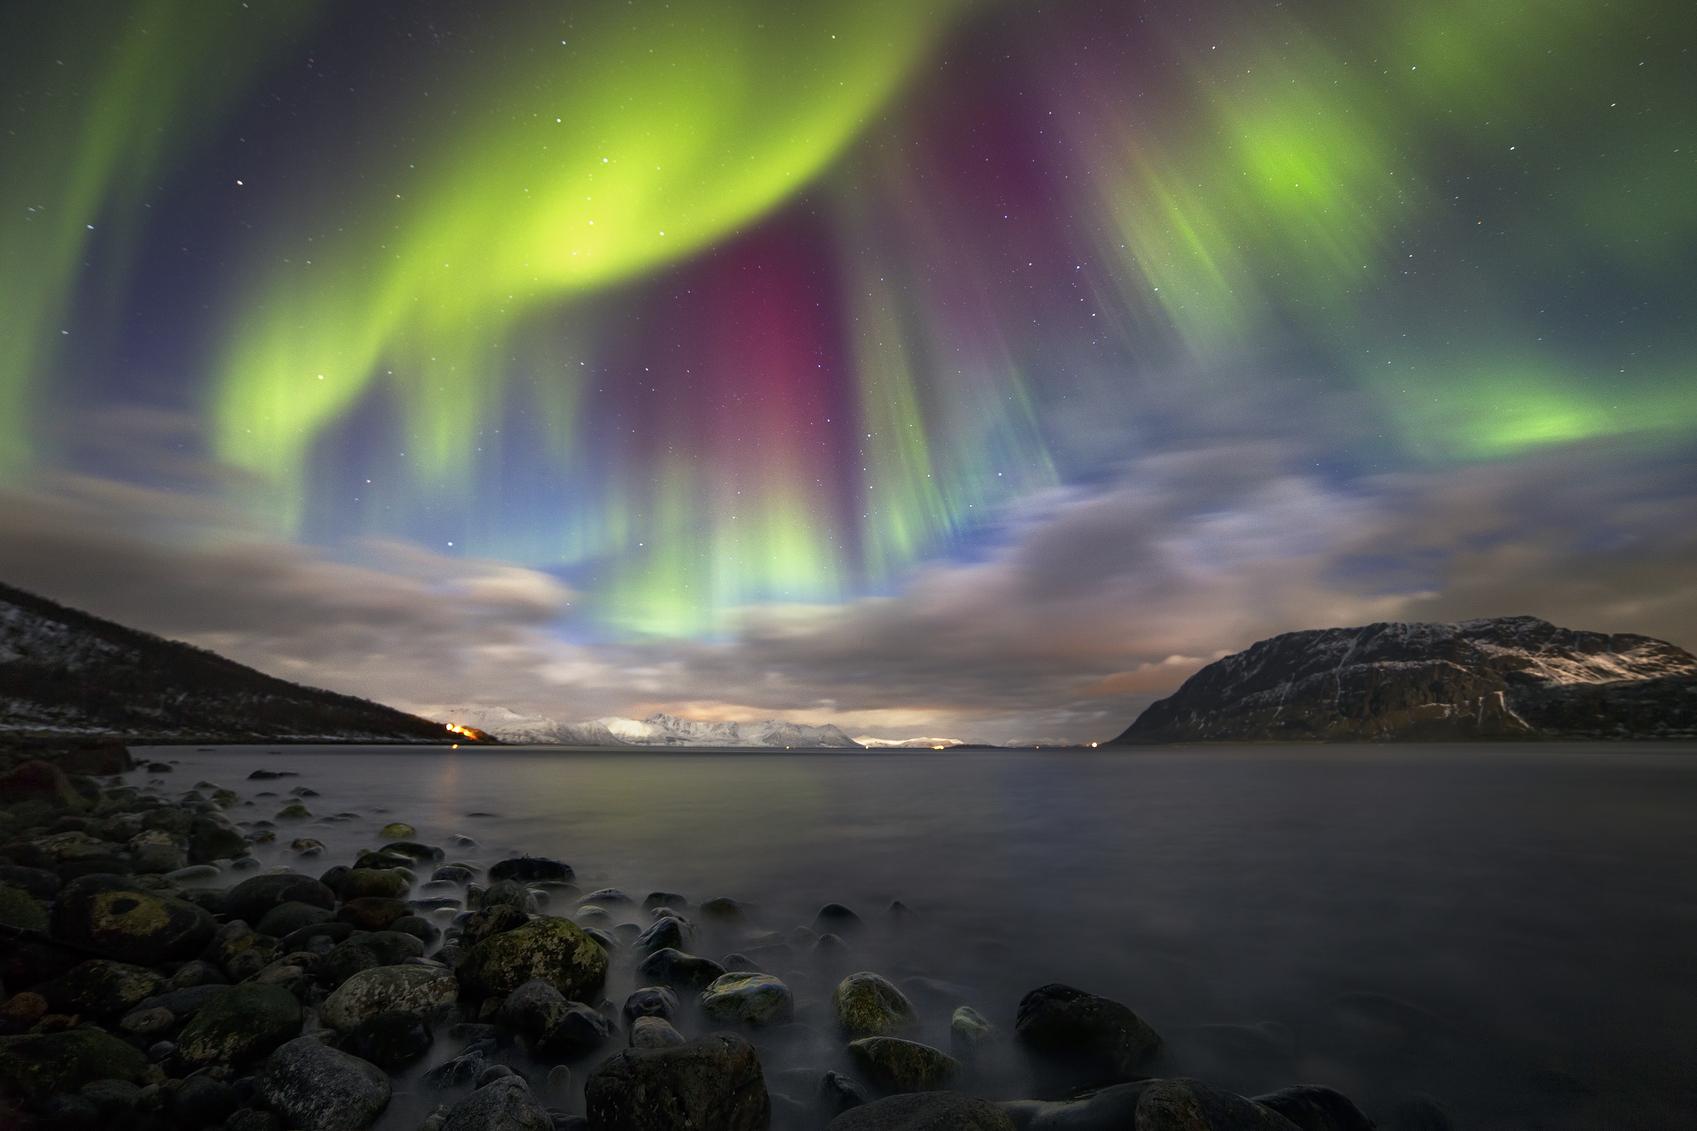 ノルウェー観光特集!定番スポットやおすすめの穴場もご紹介!